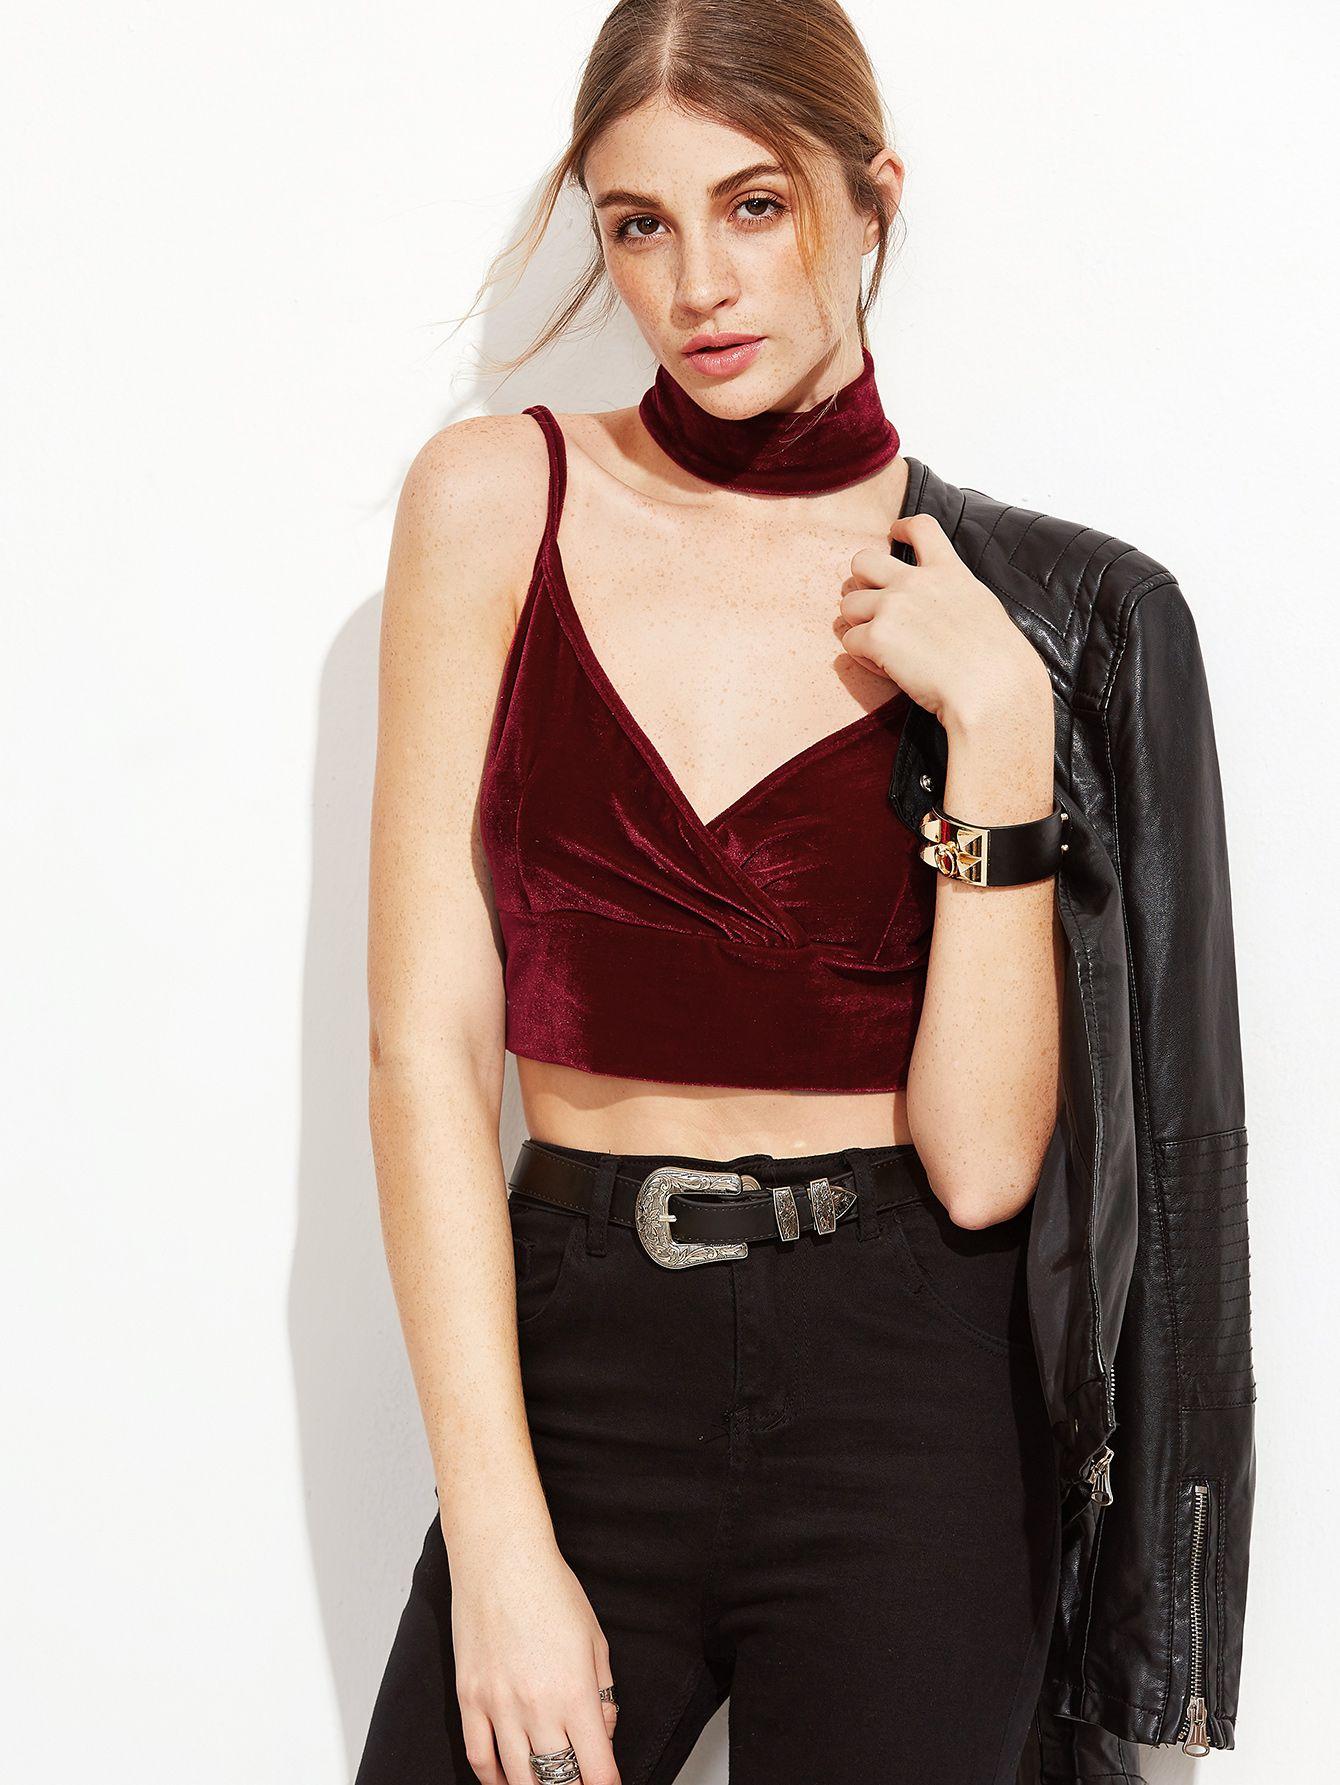 6297399c93b Shop Burgundy Velvet Overlap Bralet With Choker EmmaCloth-Women Fast  Fashion Online